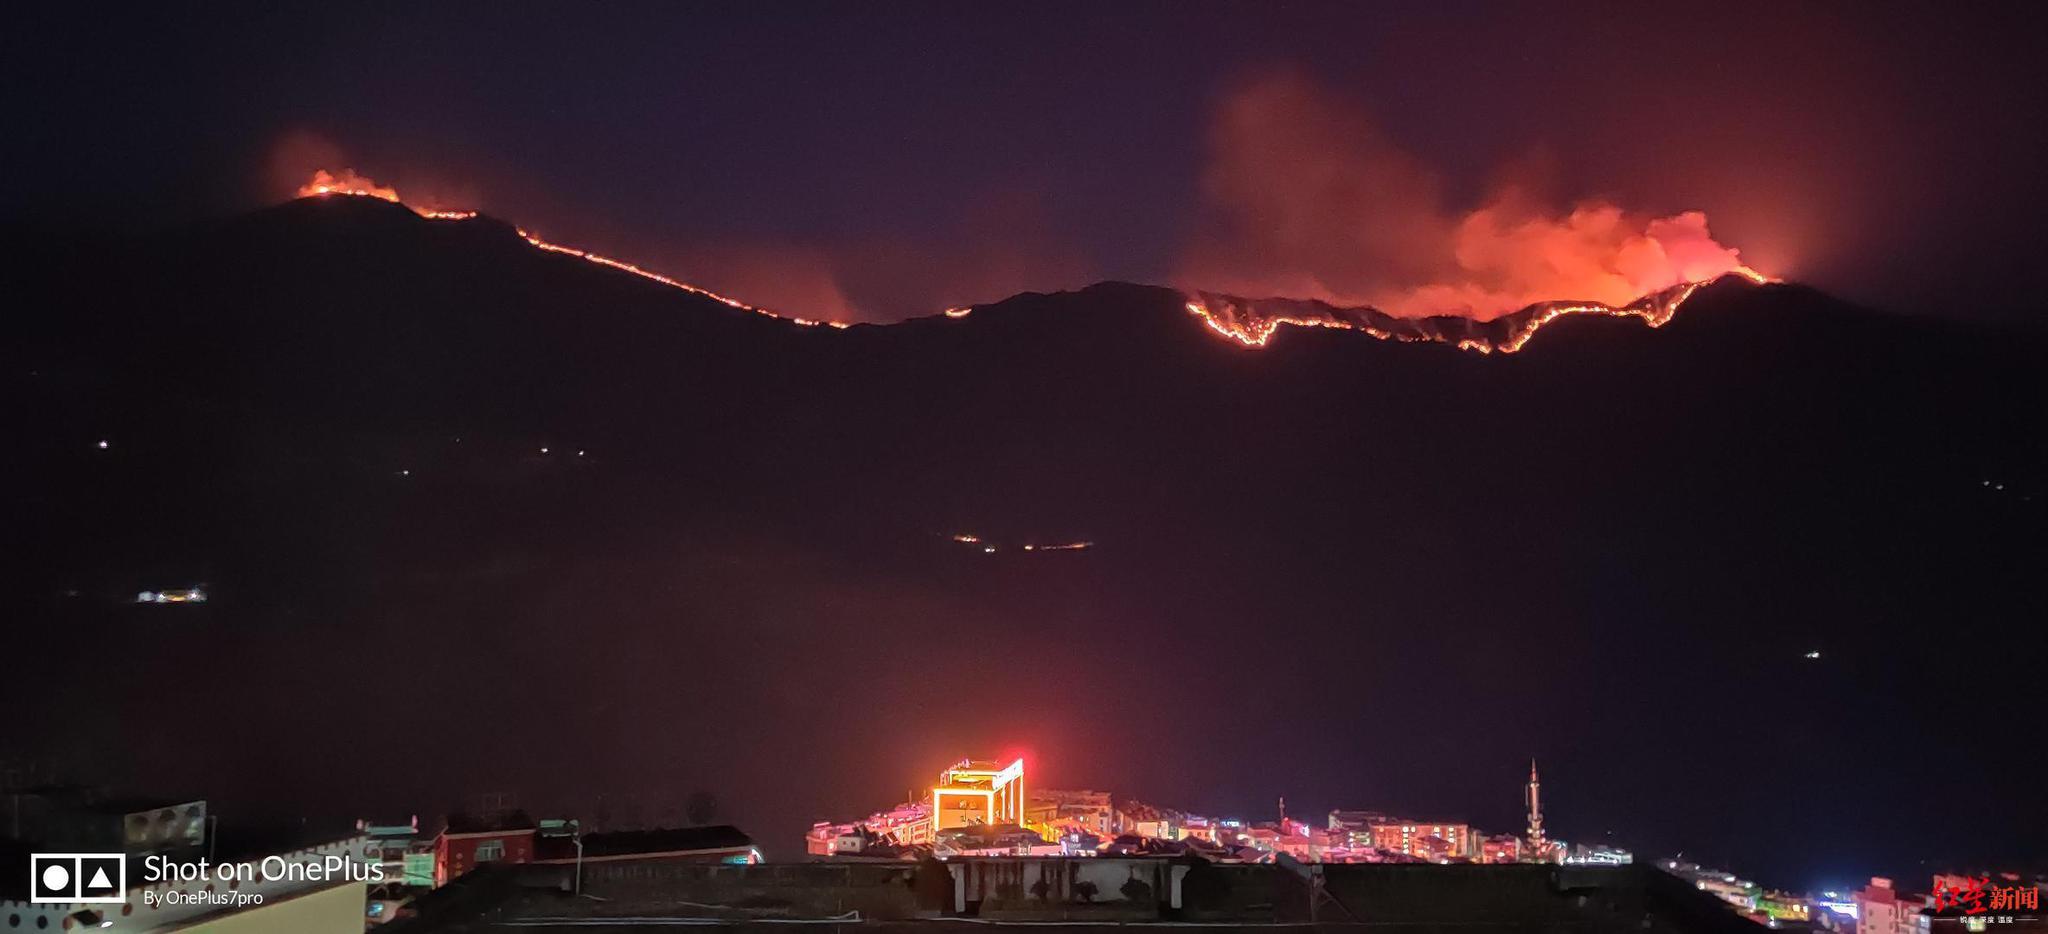 四川木里县发生森林火灾 县城居民:可见延绵明火图片